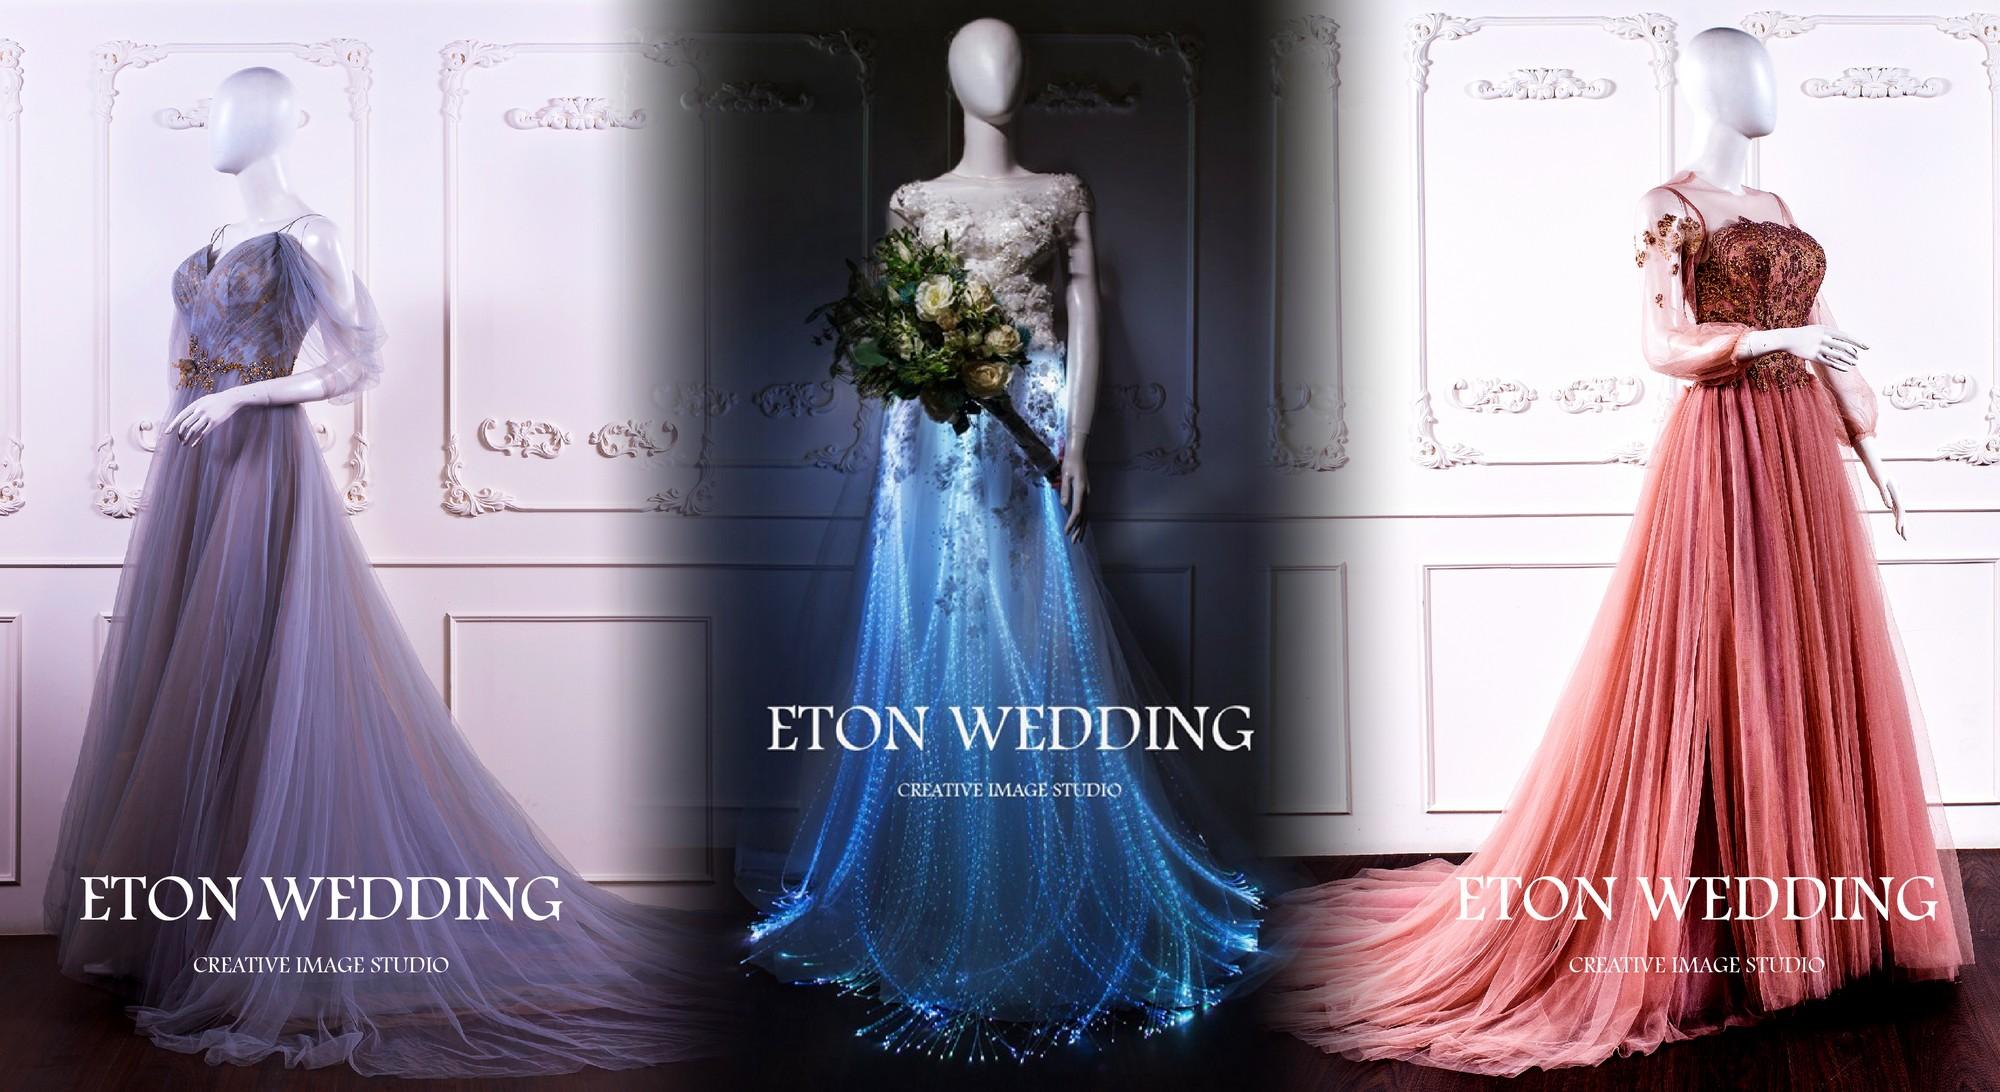 婚紗禮服,婚紗推薦,禮服出租,禮服特賣